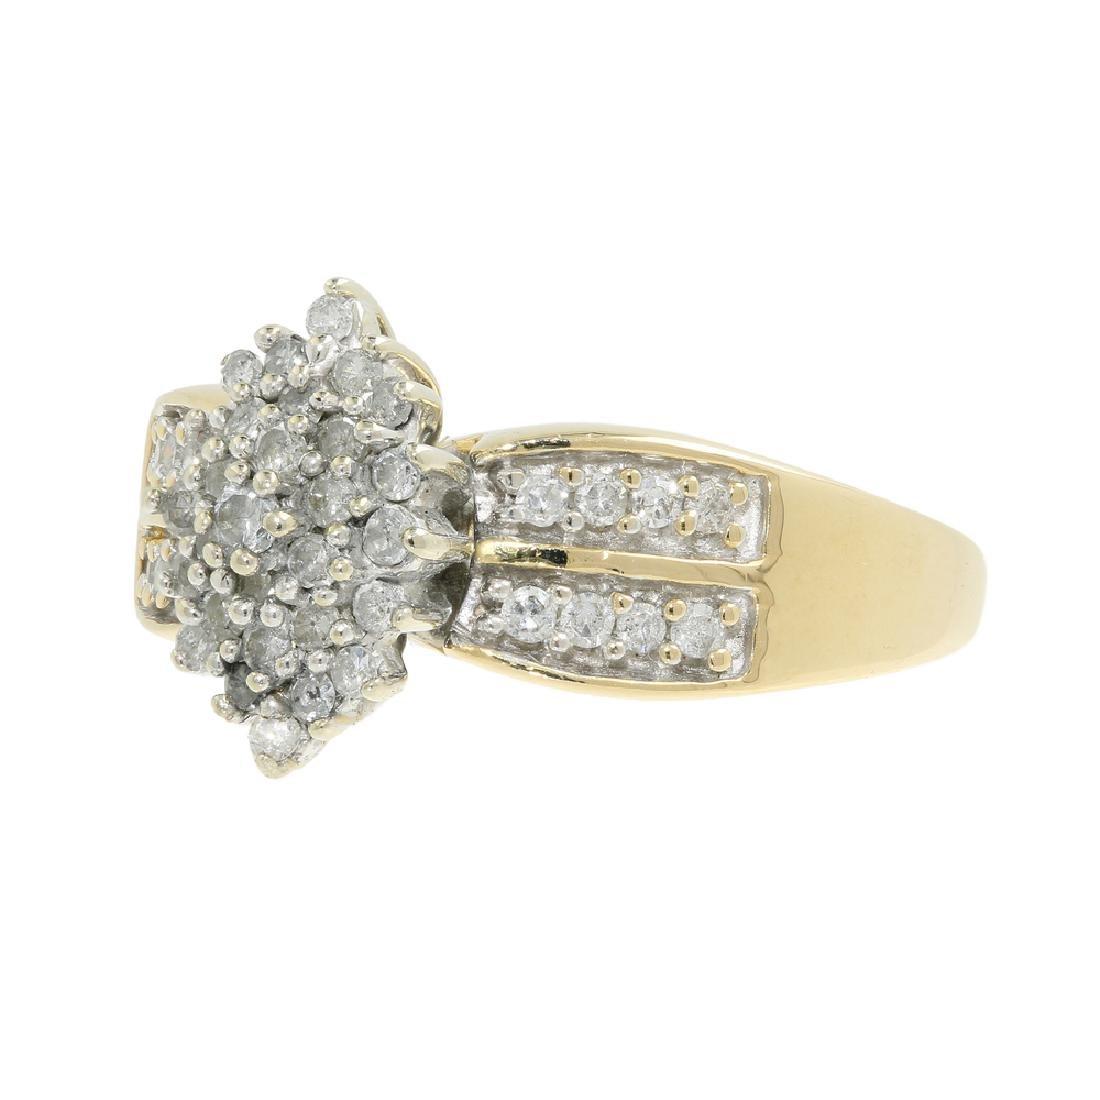 Gorgeous Classic Estate Ladies 14K Yellow Gold Diamond